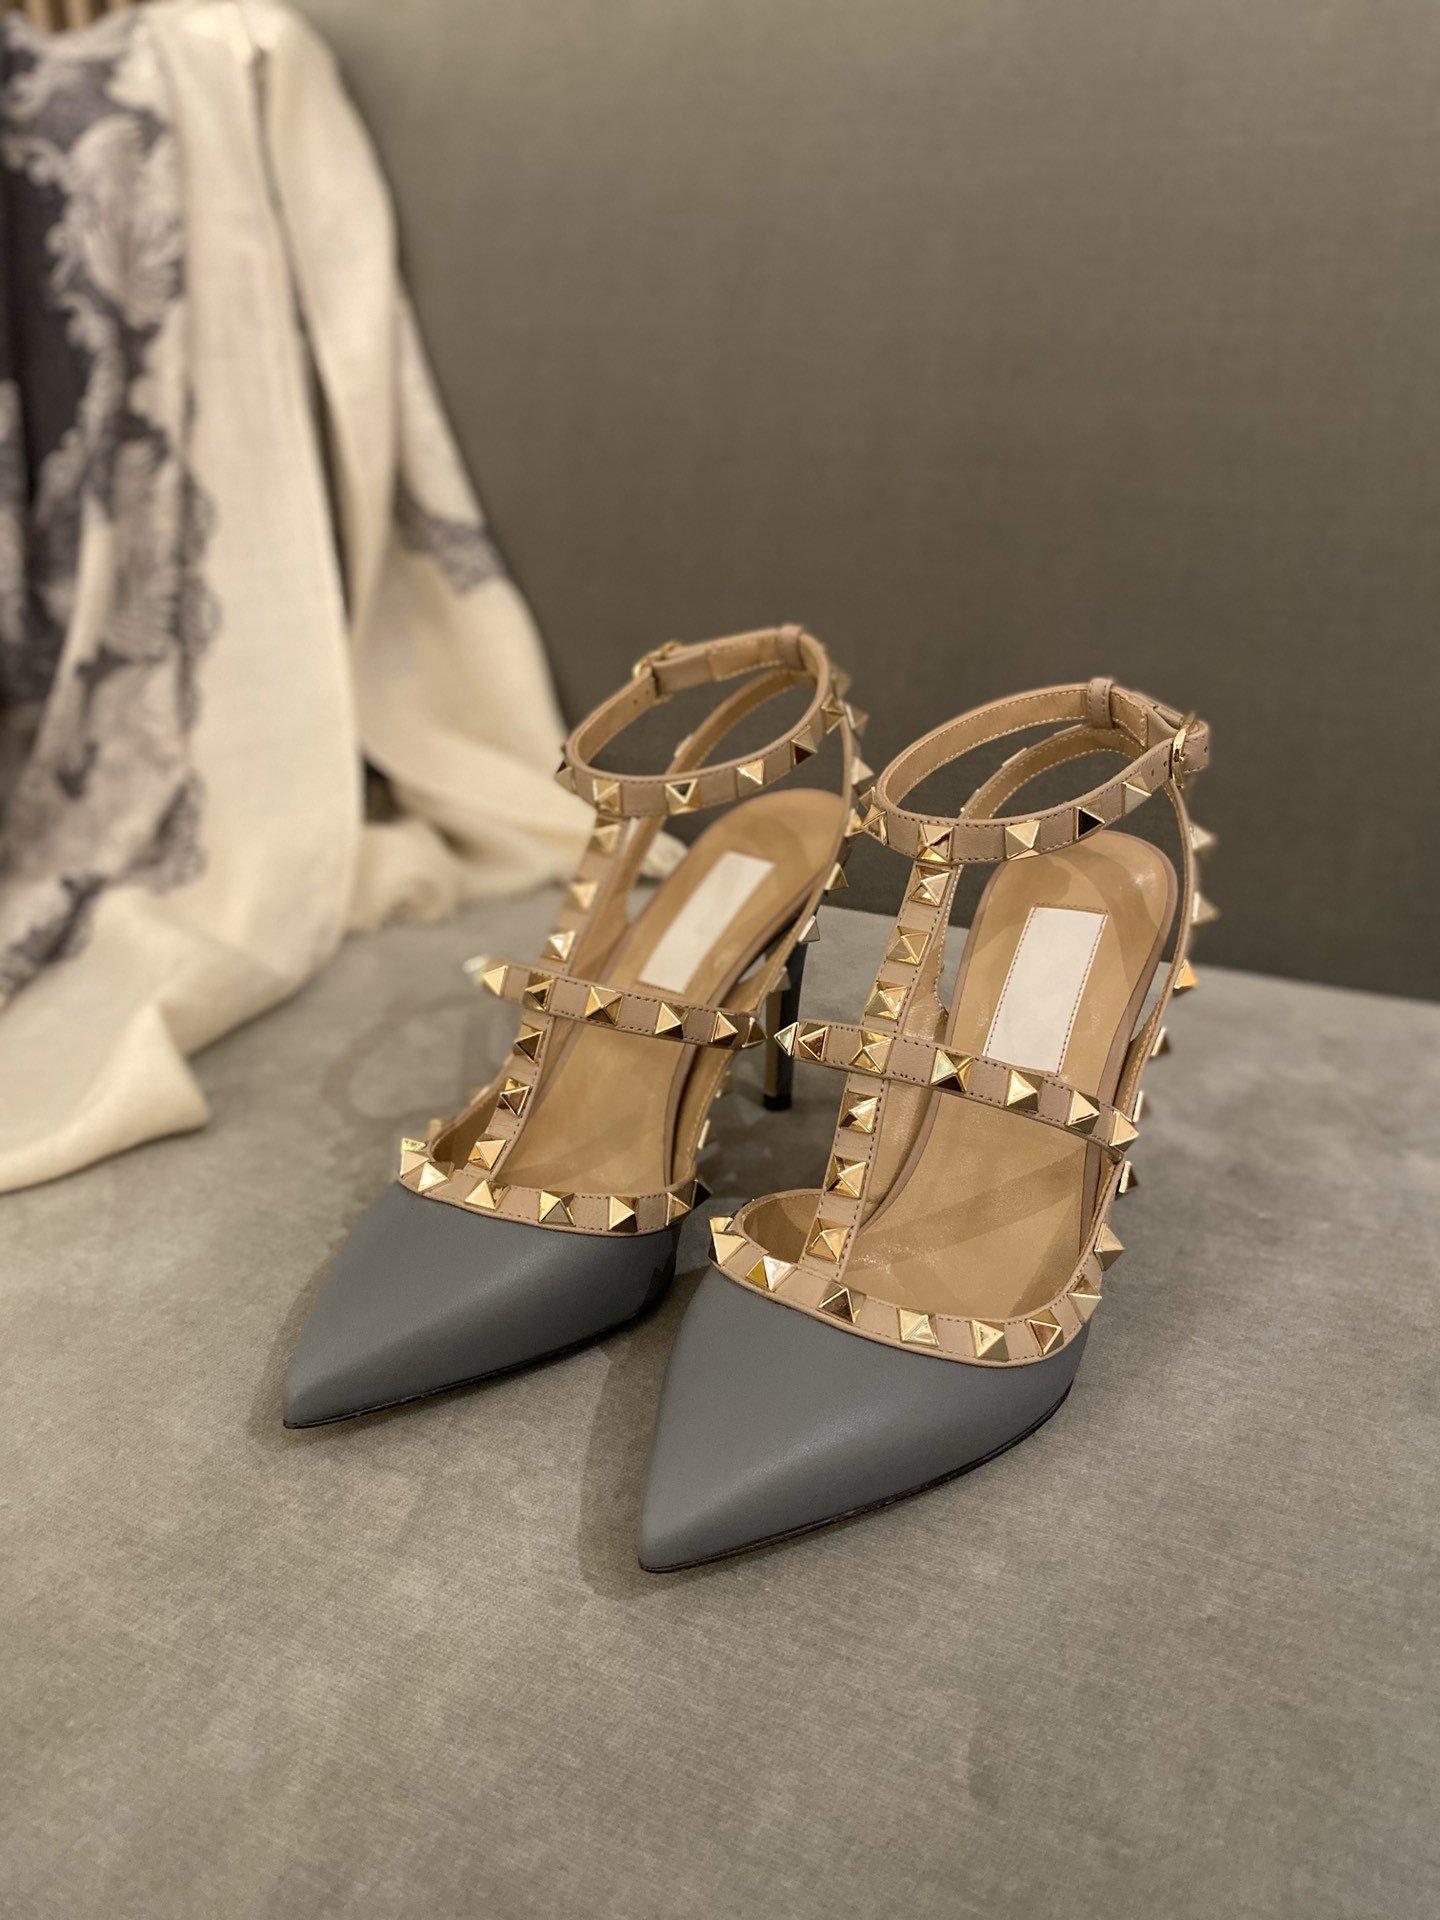 Klasik Tasarımcı Sıcak satmak Lüks Dikenler deri T Bilek Kayışı Sivri Burun Yüksek Stiletto Rockstud İki Kayış Sandalet Topuk Ayakkabı